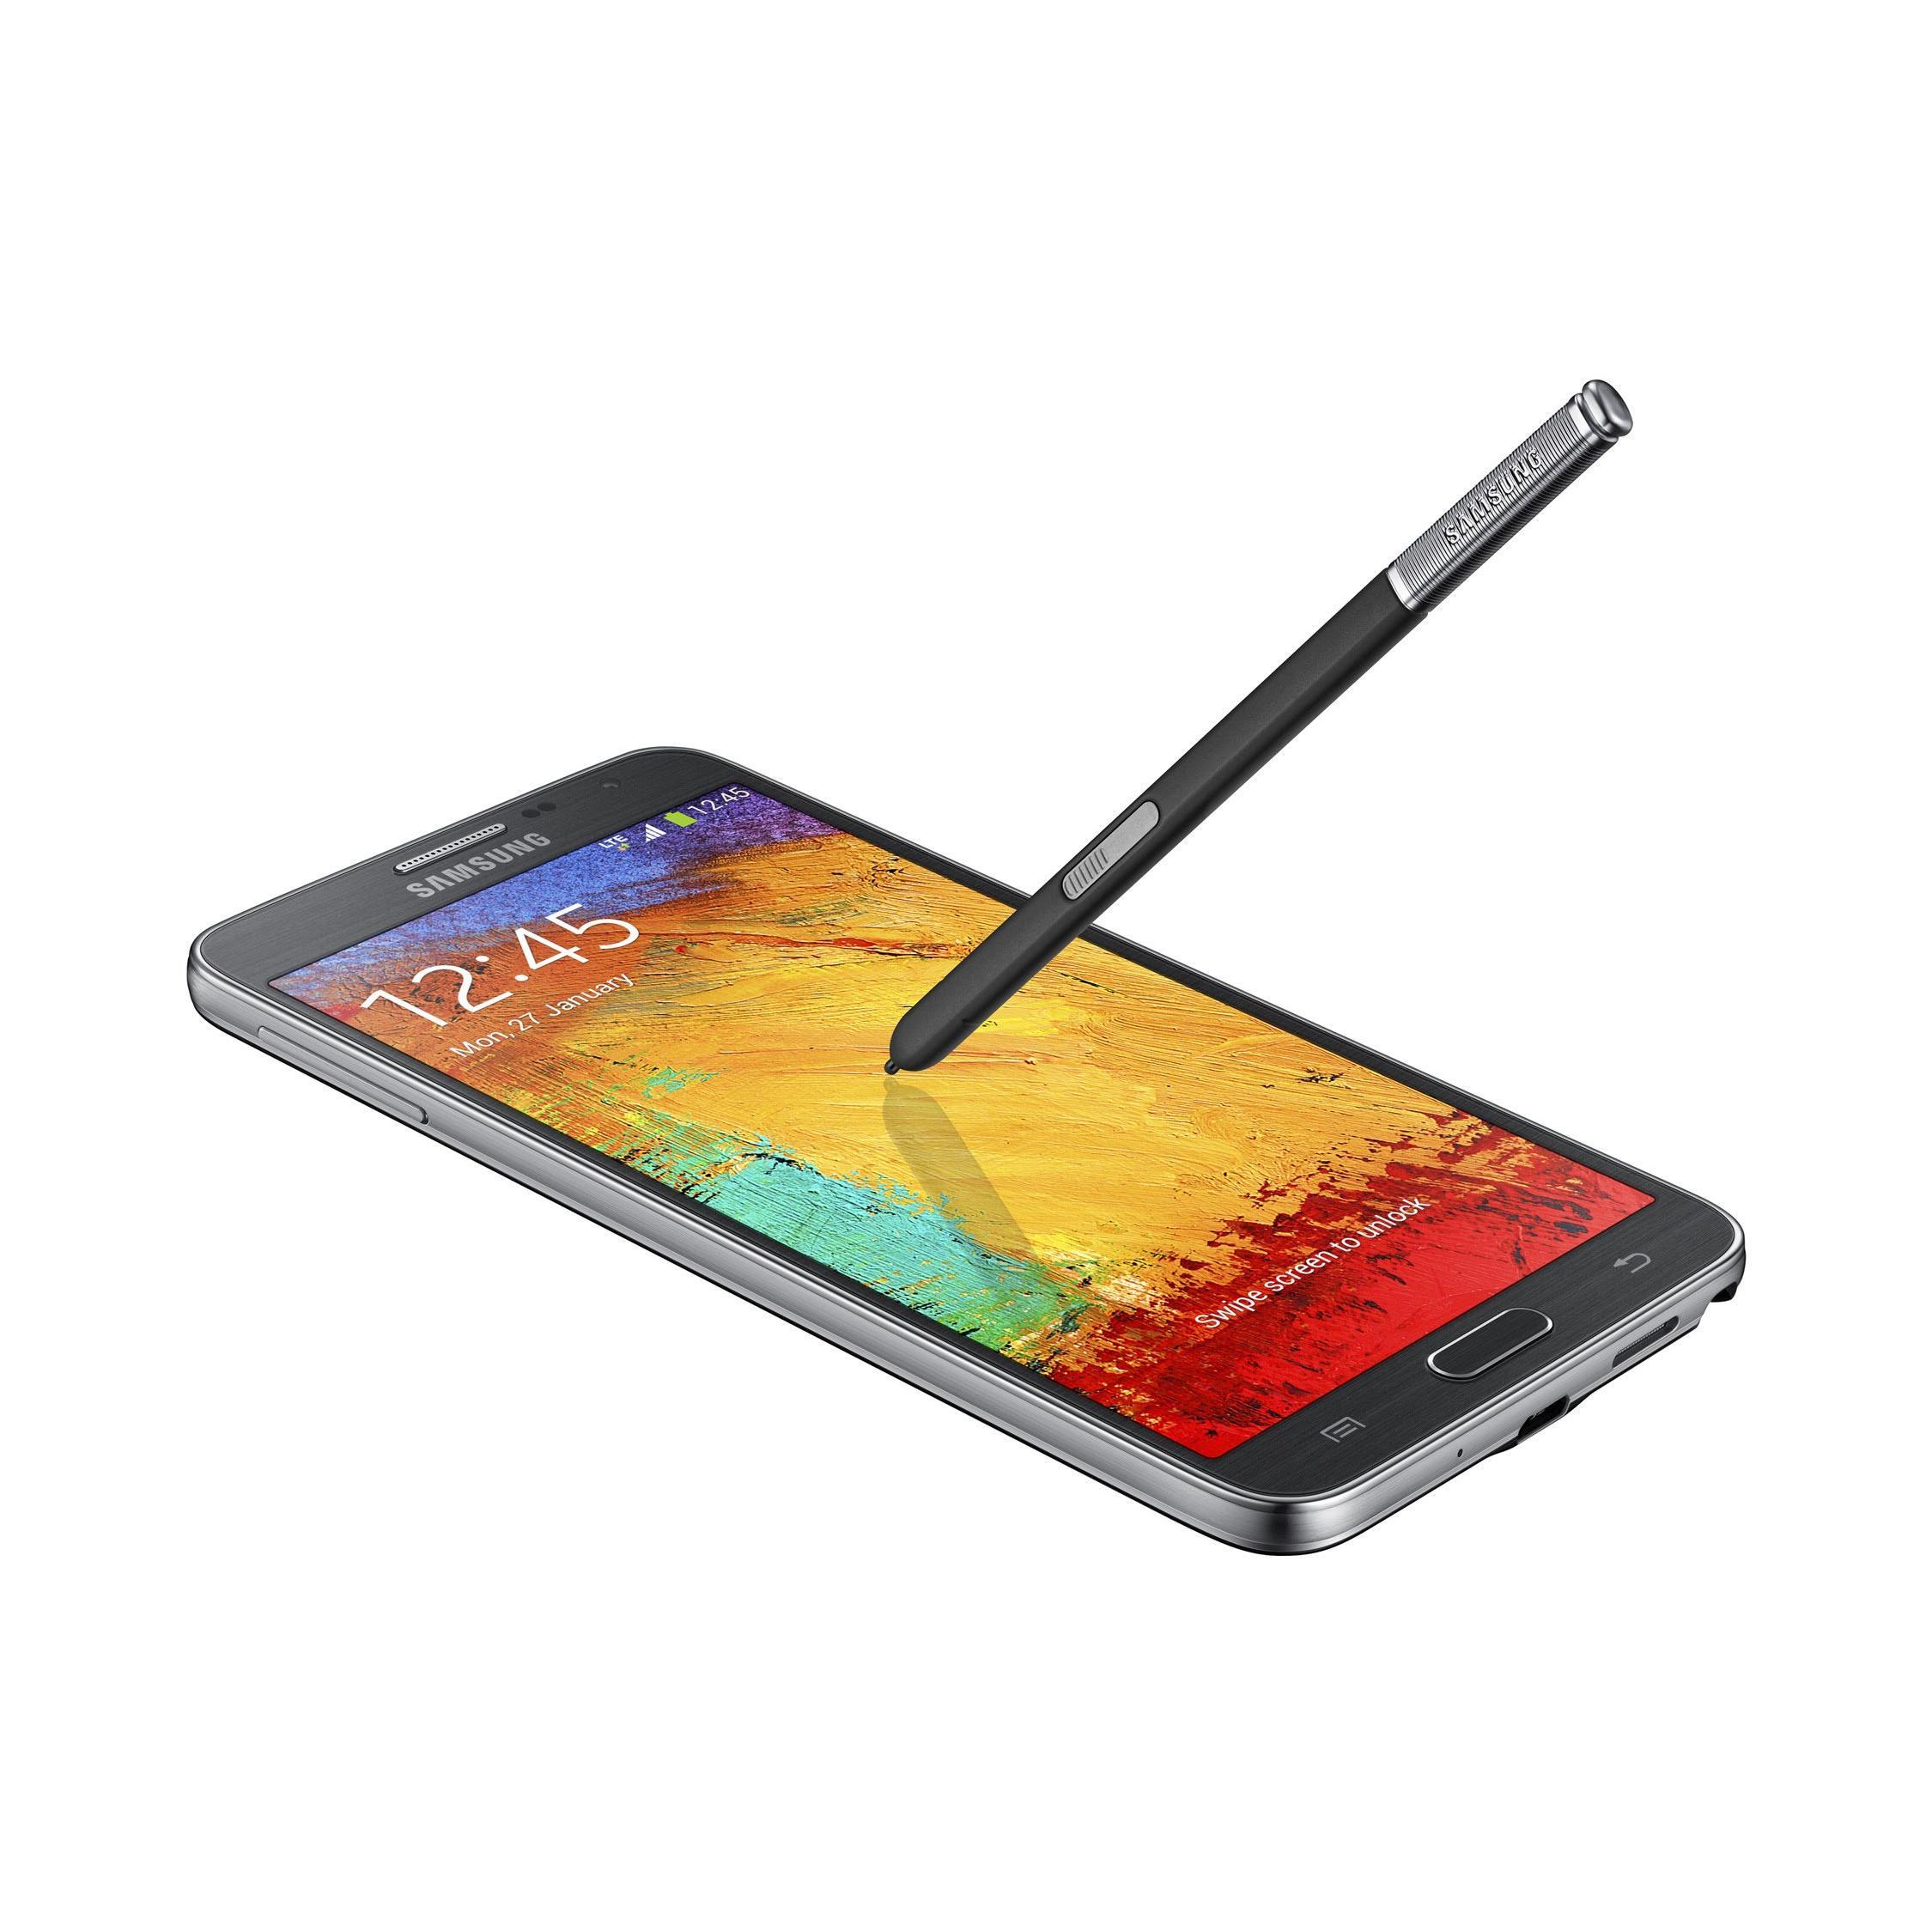 Samsung Galaxy Note 3 Neo 16 Gb - Negro - Libre